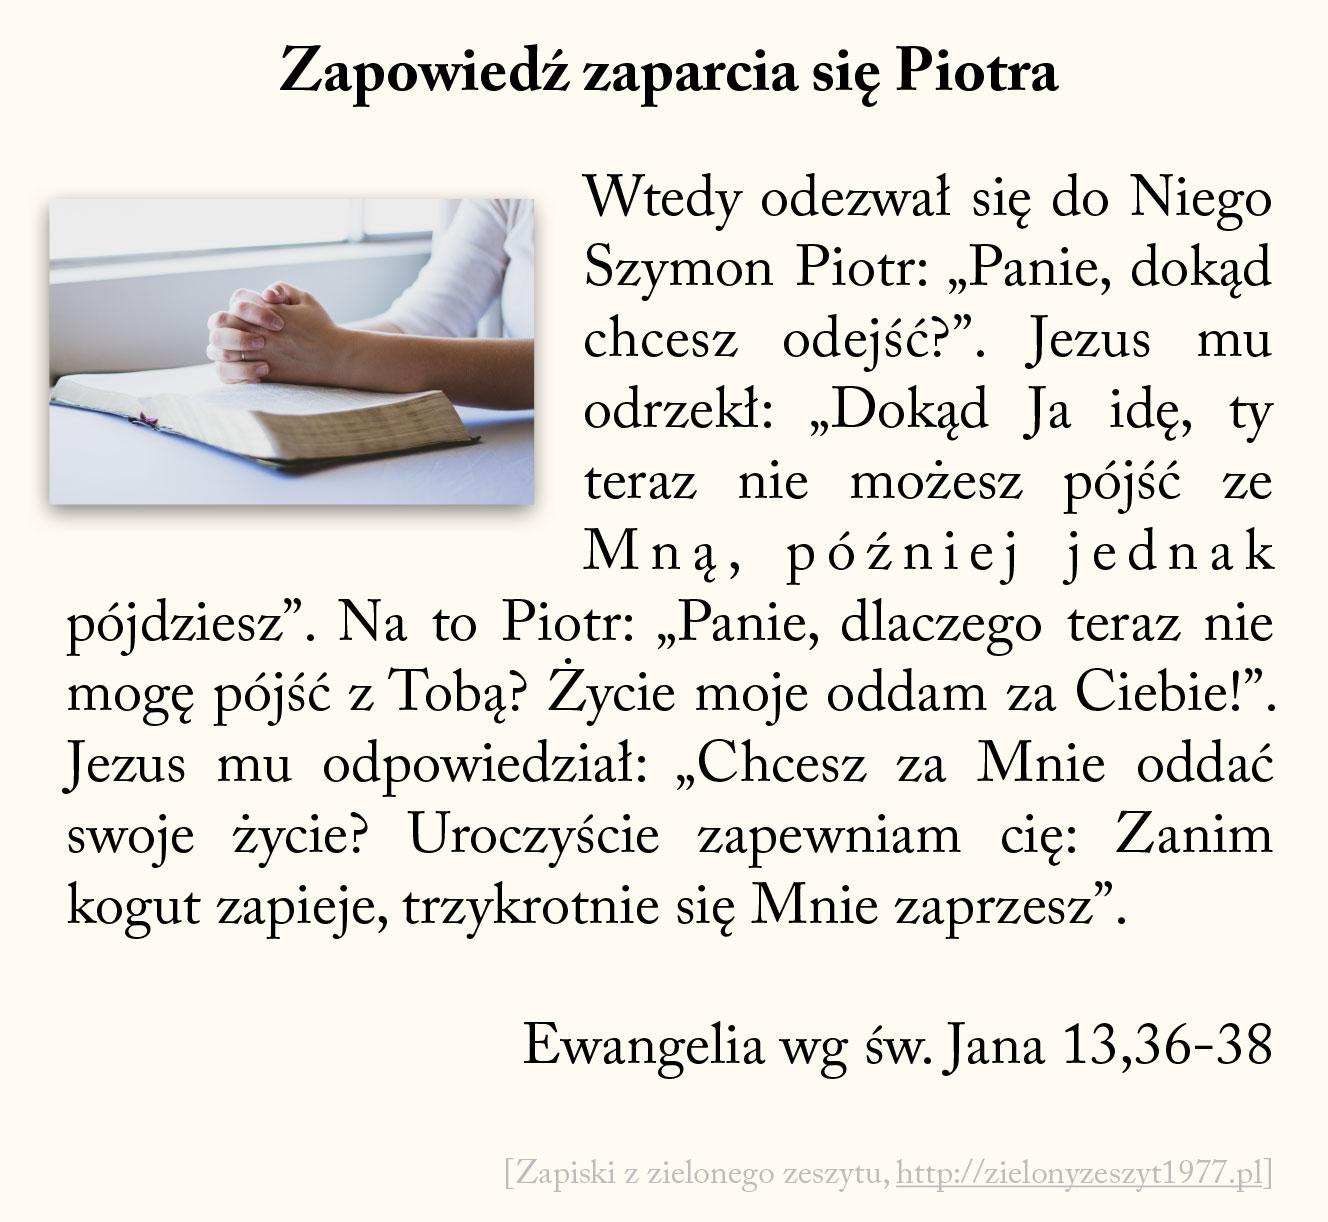 Zapowiedź zaparcia się Piotra, Ewangelia wg św. Jana